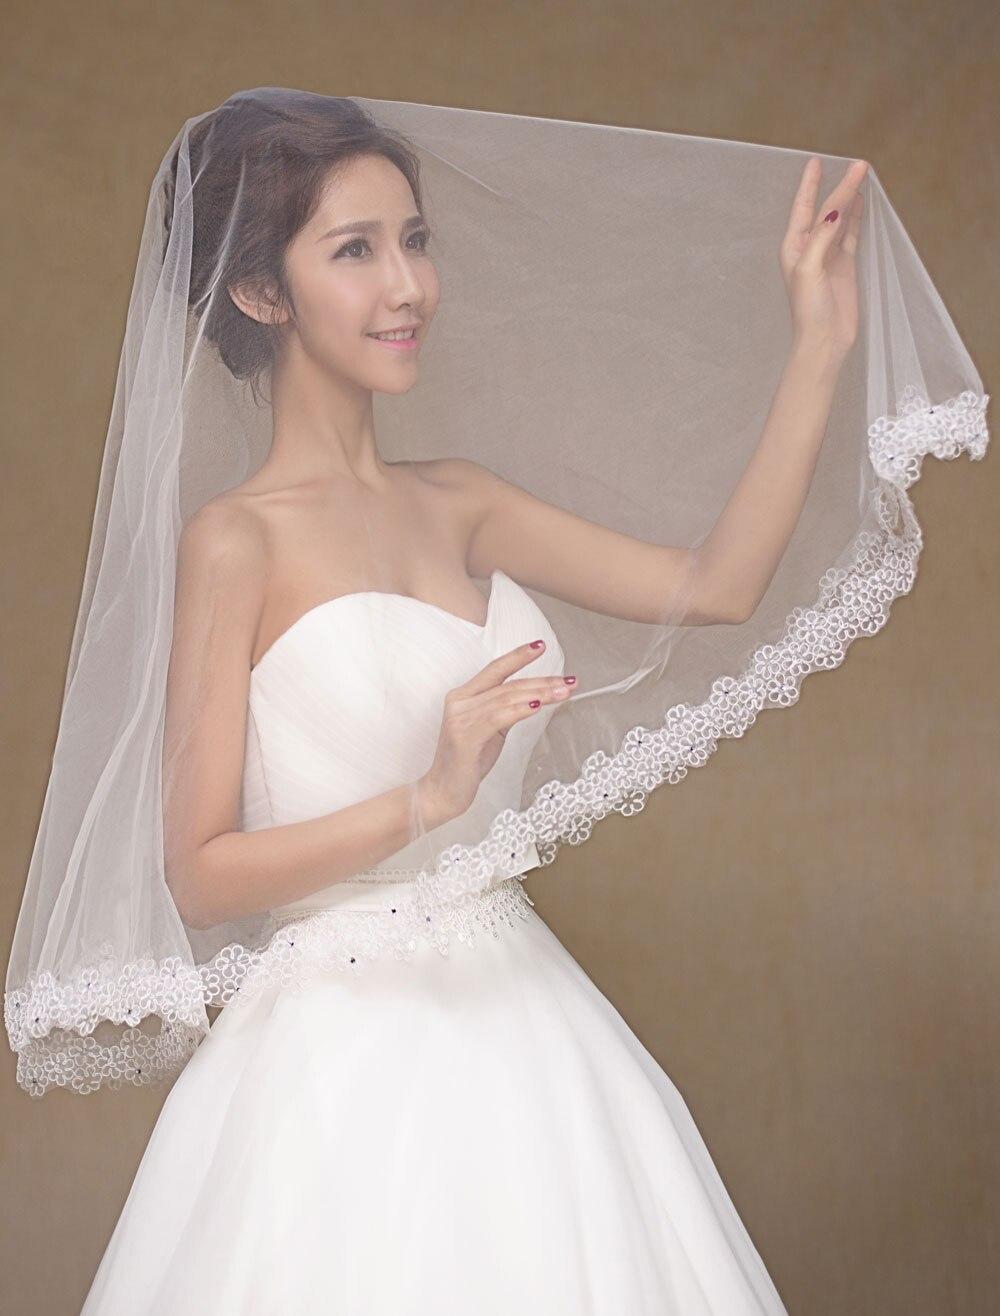 White Ivory Semi-Sheer Lace Tulle Bridal Veil plus guipure lace insert semi sheer blouse